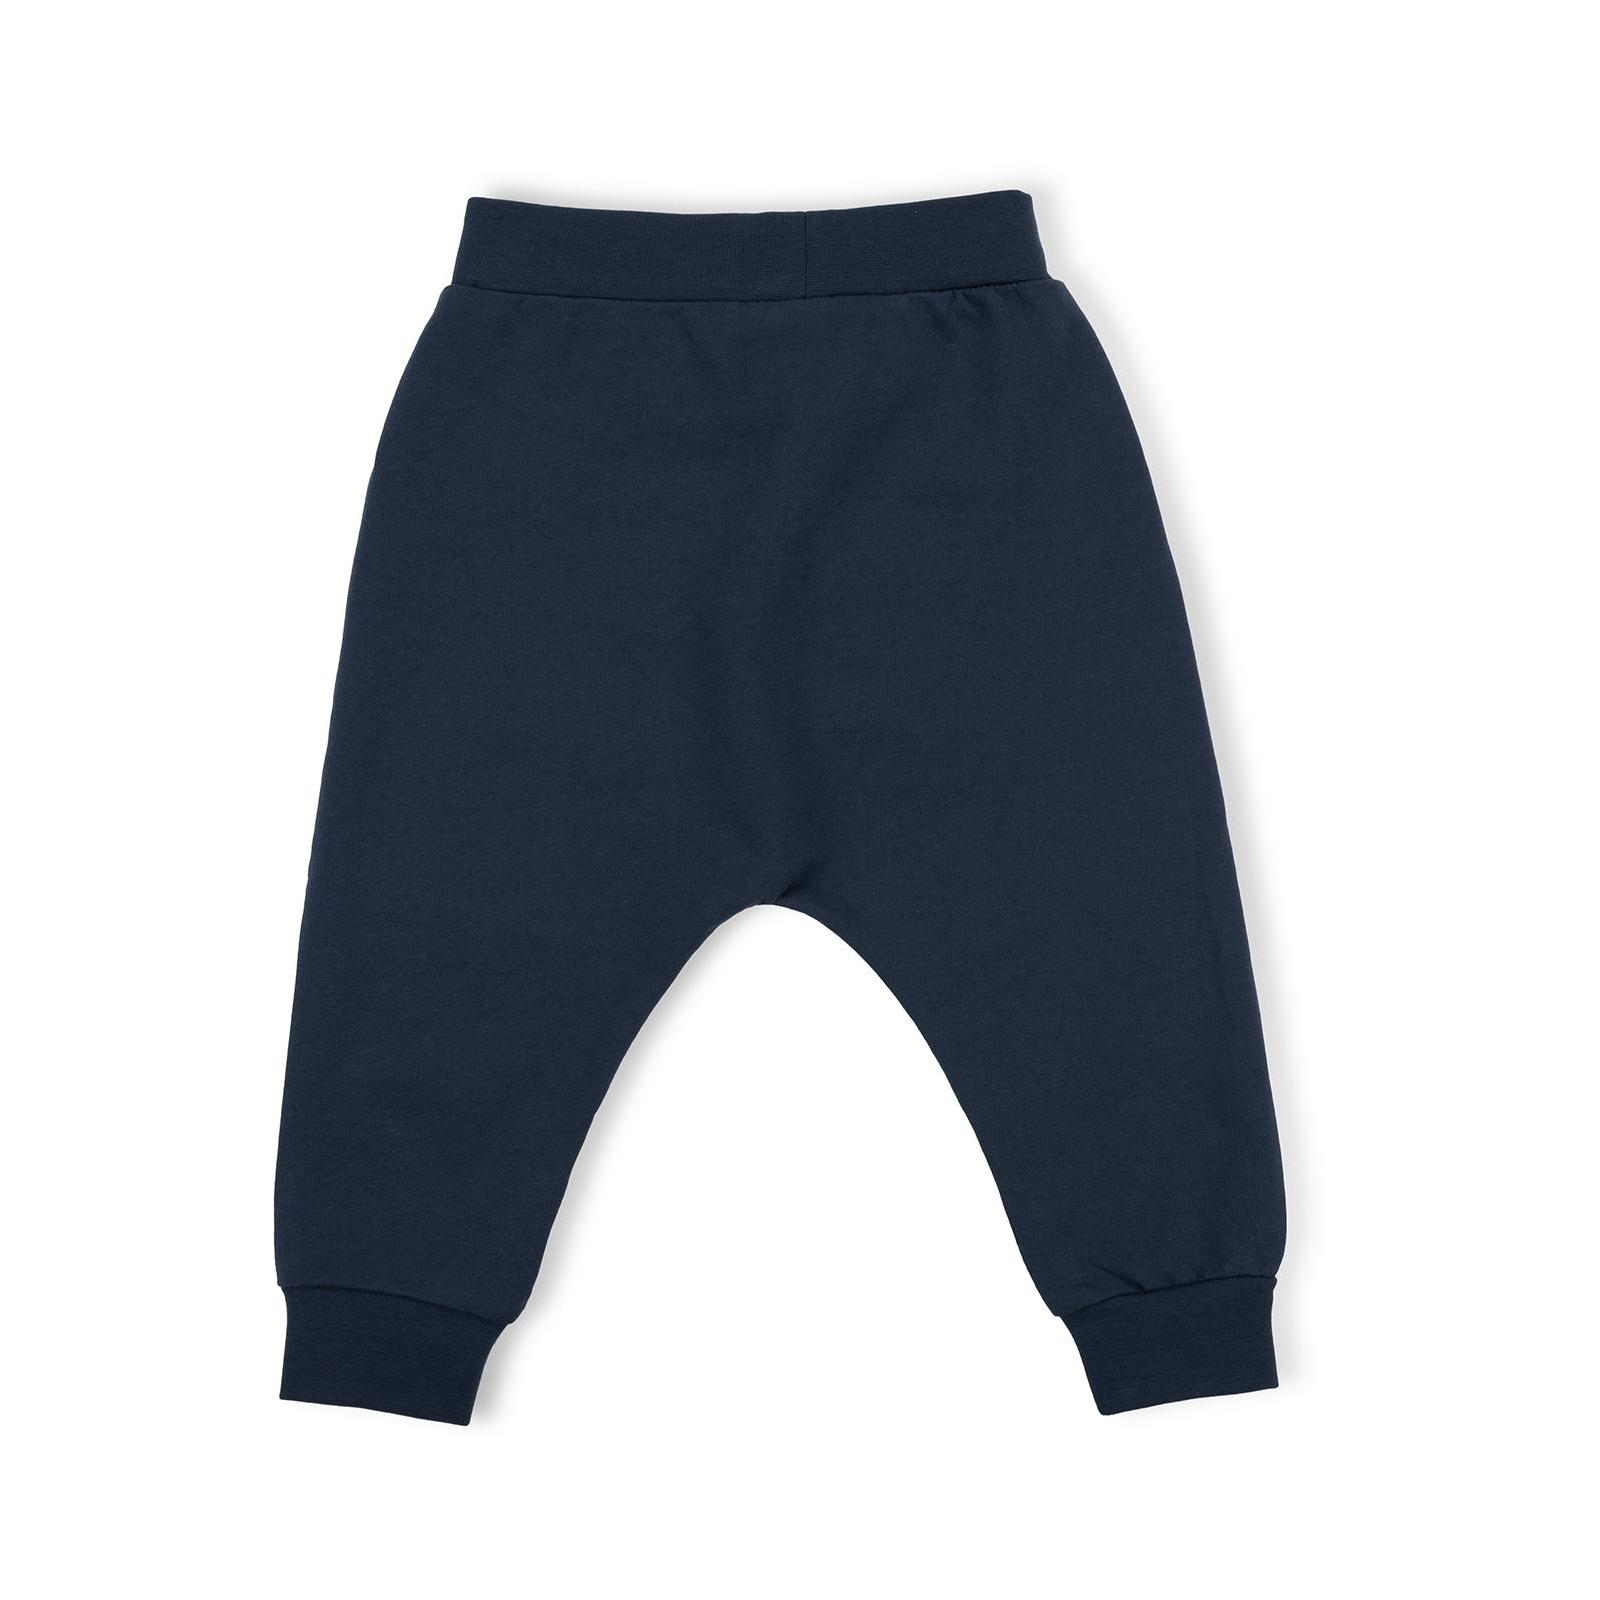 Набор детской одежды Breeze с карманчиками (10234-92G-blue) изображение 6